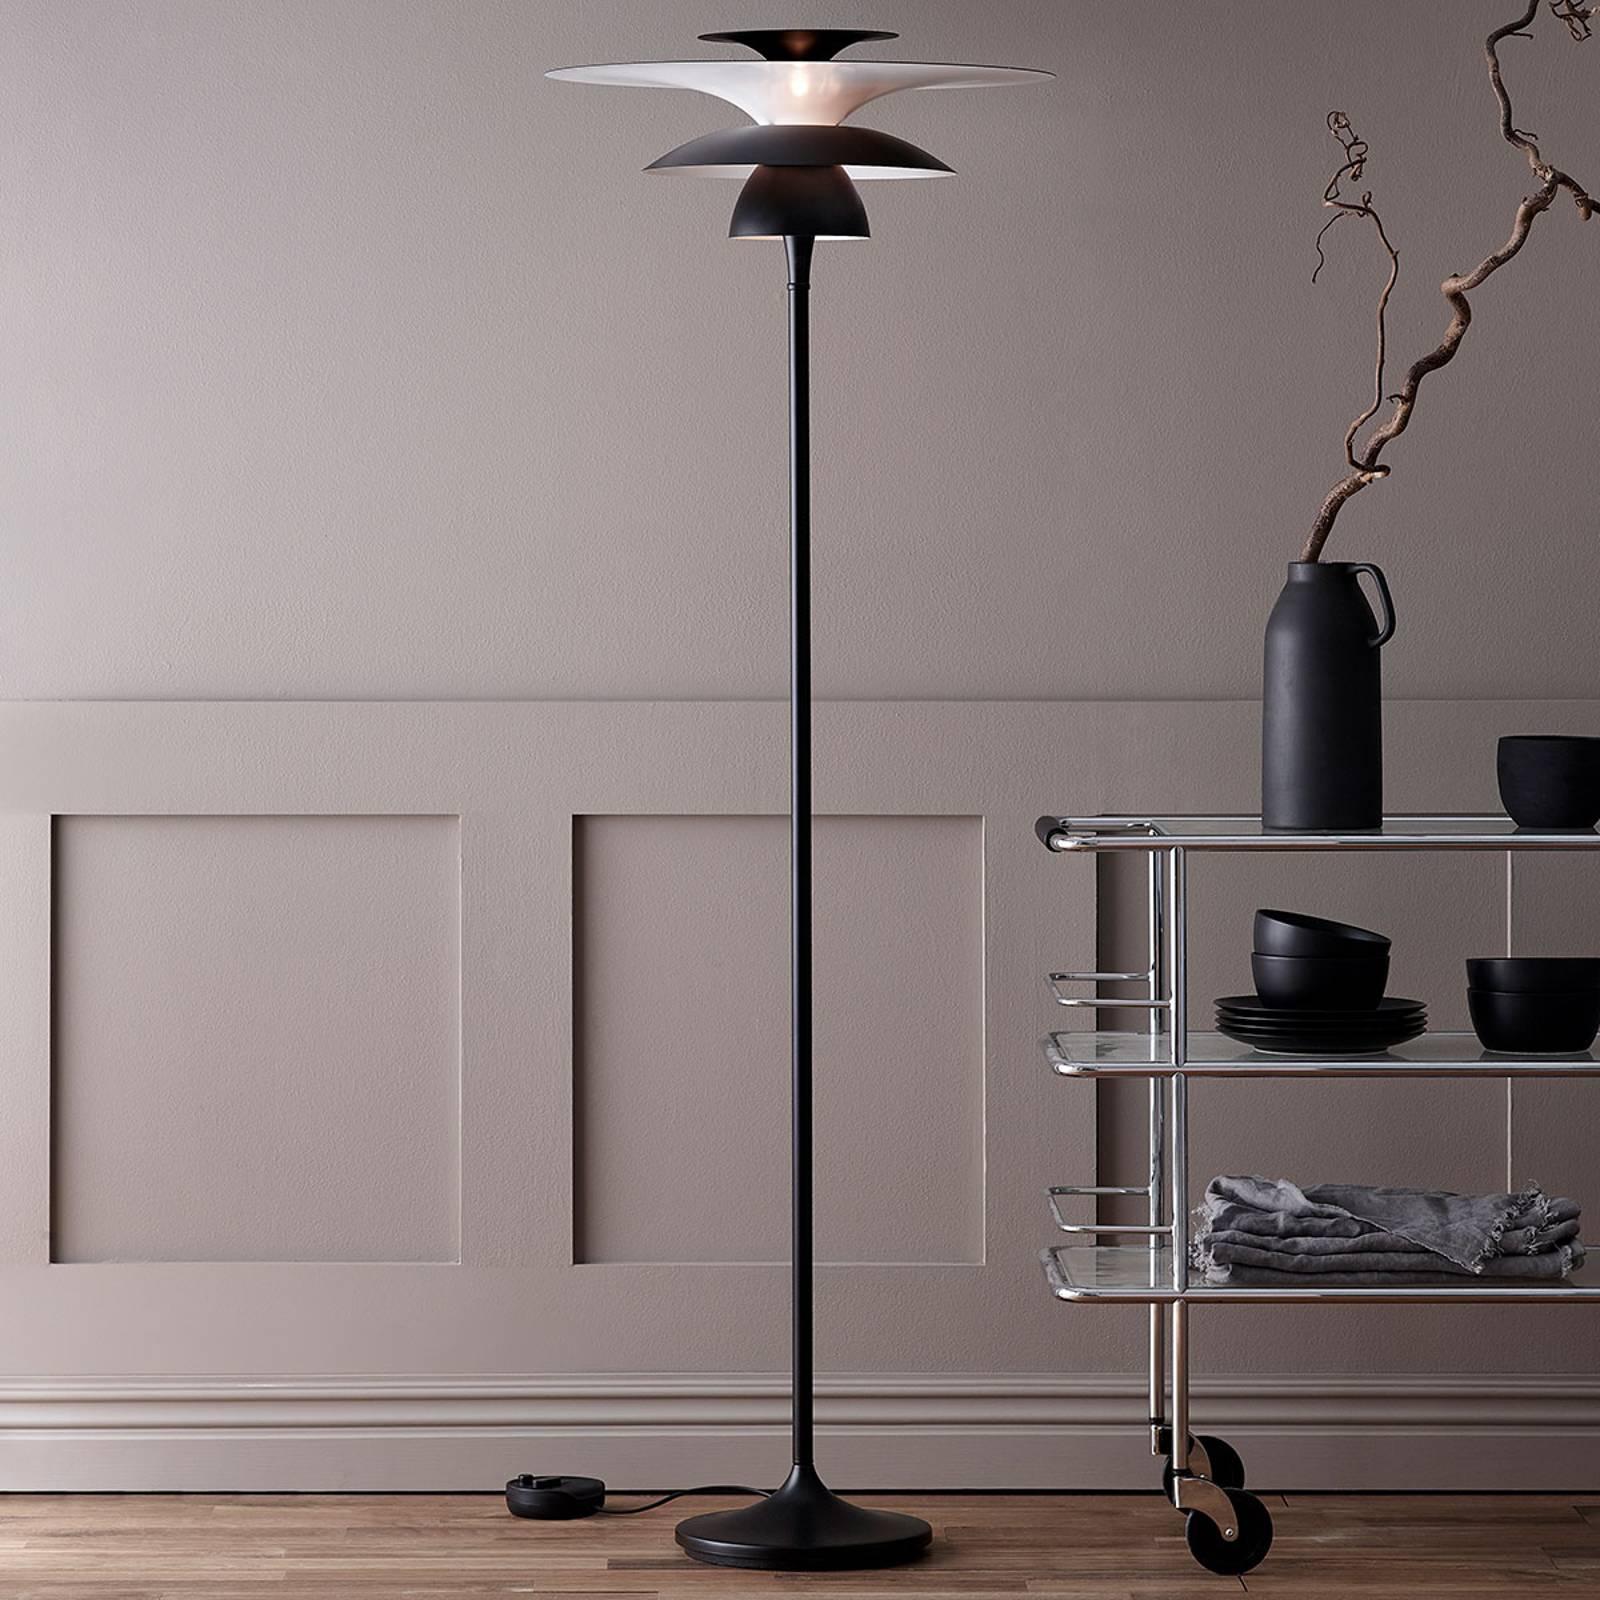 Lampa stojąca LED Picasso, klosz 38 cm, czarna